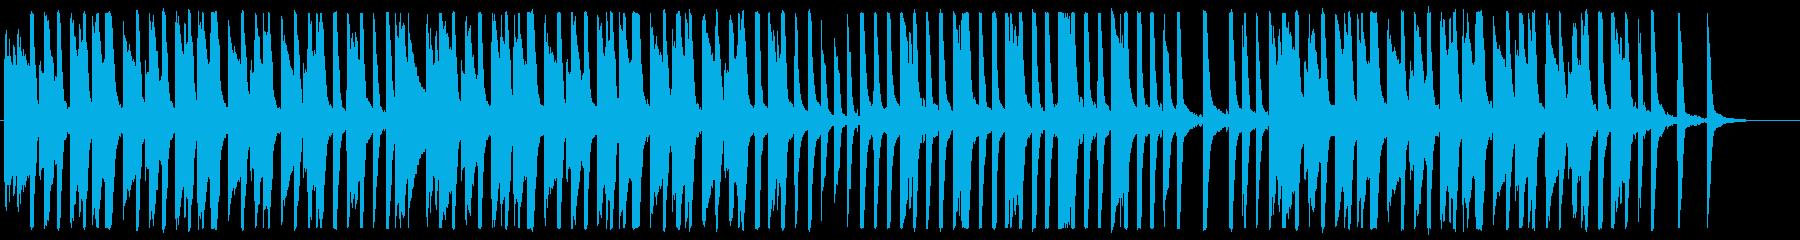 シンプル・軽快でかわいらしい平和なBGMの再生済みの波形